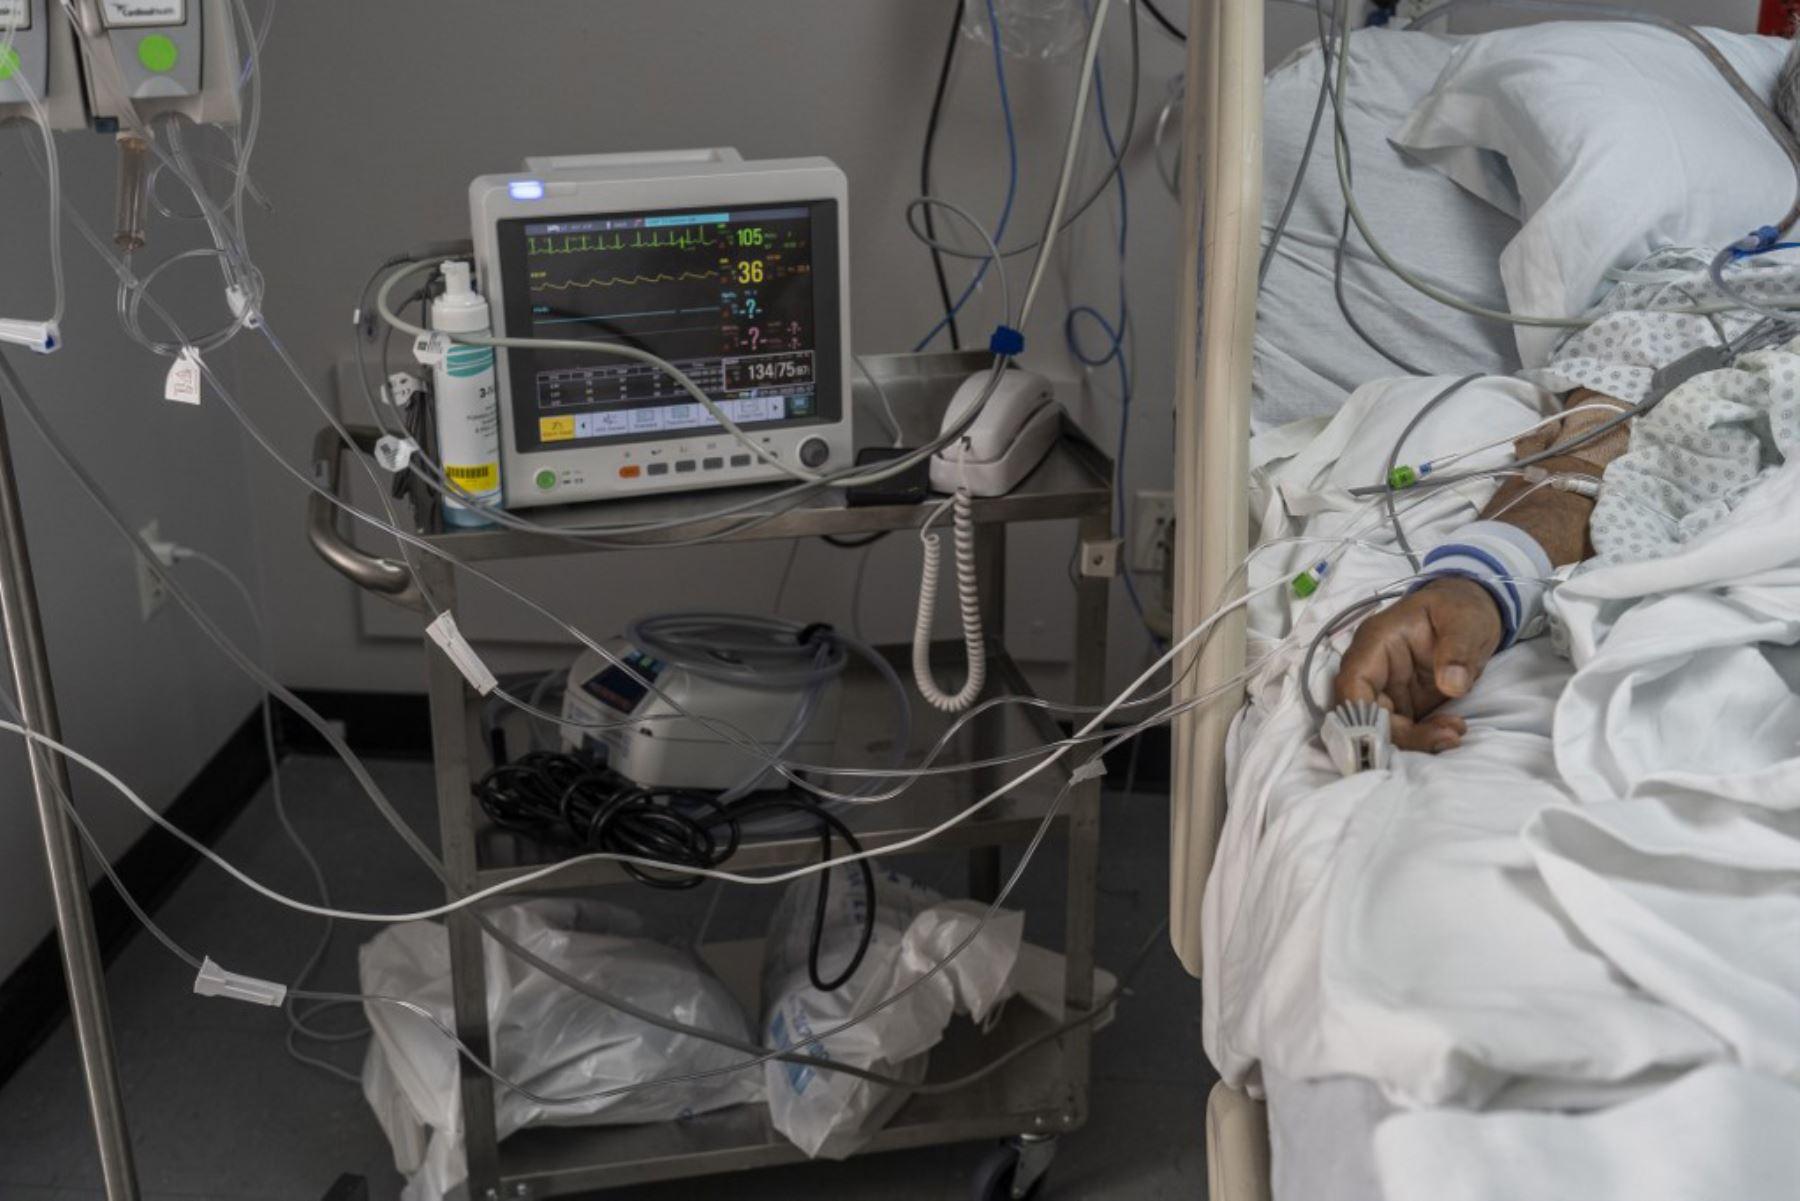 Un paciente yace en la cama conectado a un equipo médico en la unidad de cuidados intensivos covid-19 en el United Memorial Medical Center en Houston, Texas. Foto:AFP